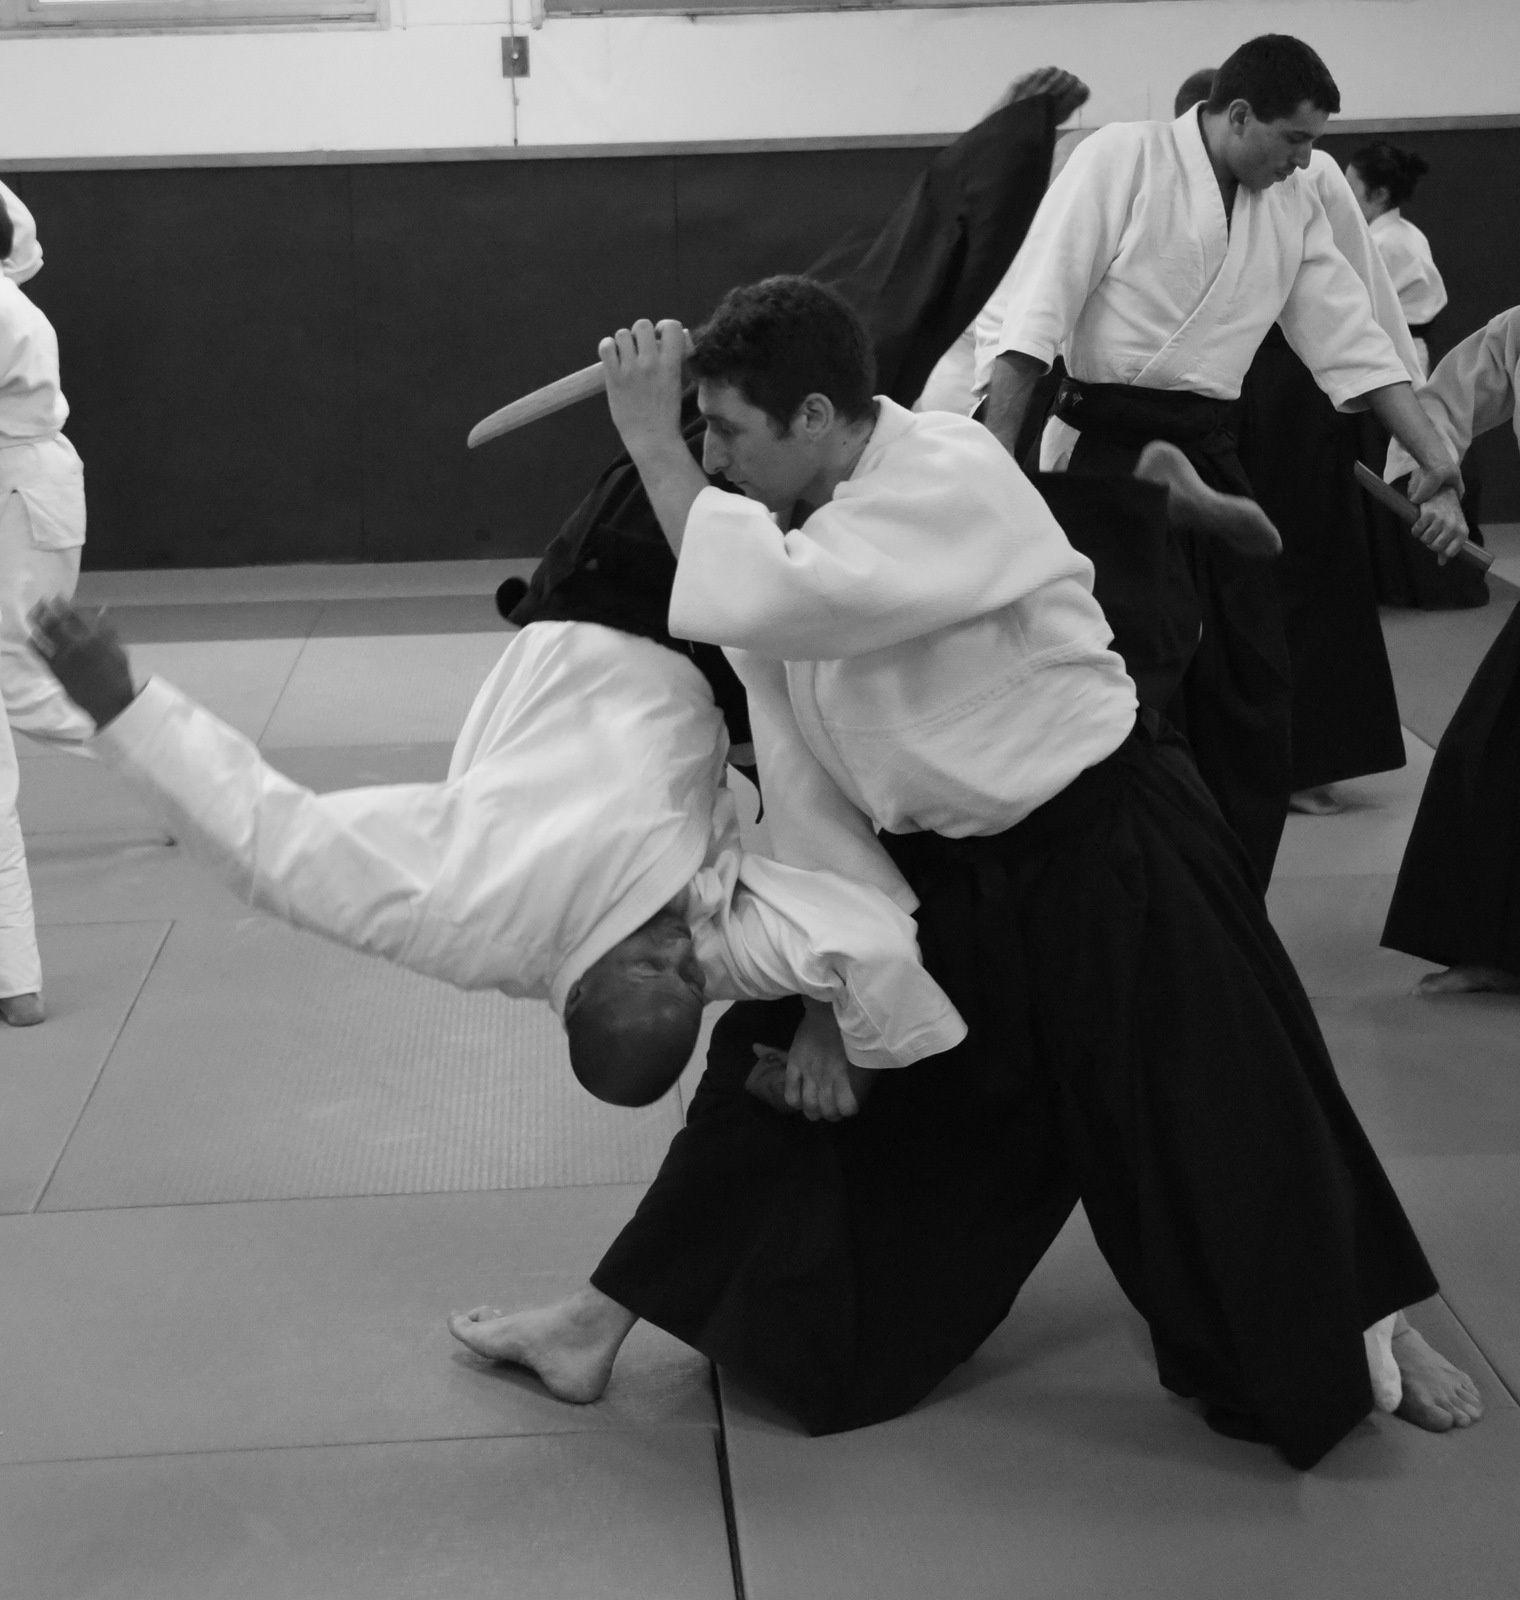 Dans la toile de l'Aïkido : Retour sur le stage de Marc Bachraty à Pantin le 12 décembre 2015